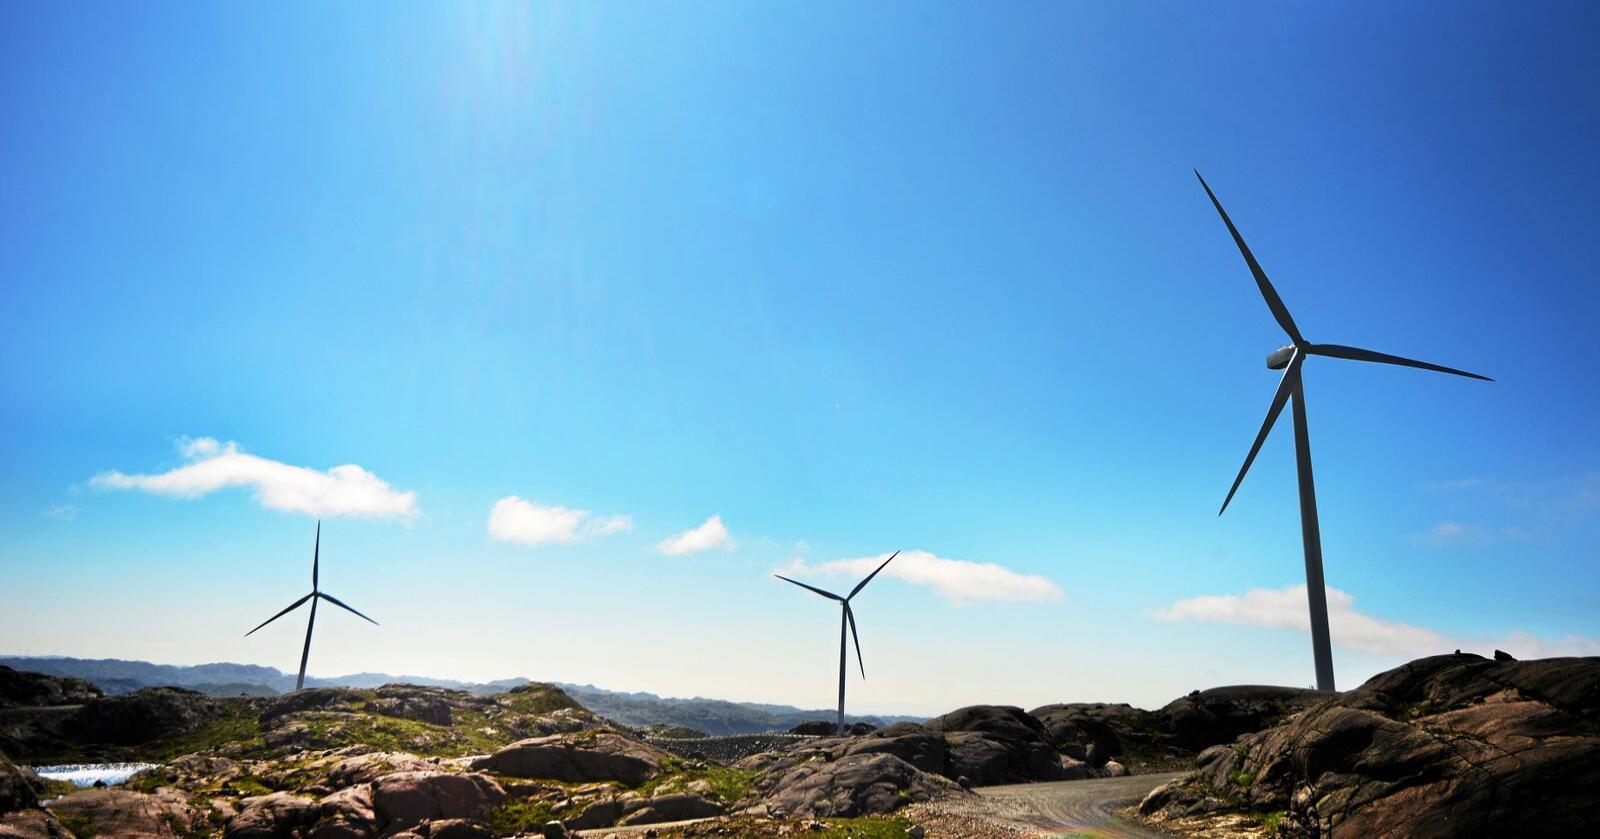 Vindkraftdebatten er hard flere steder i landet,. Professor mener mangel på planlegging har forsterket konfliktene. Foto: Siri Juell Rasmussen